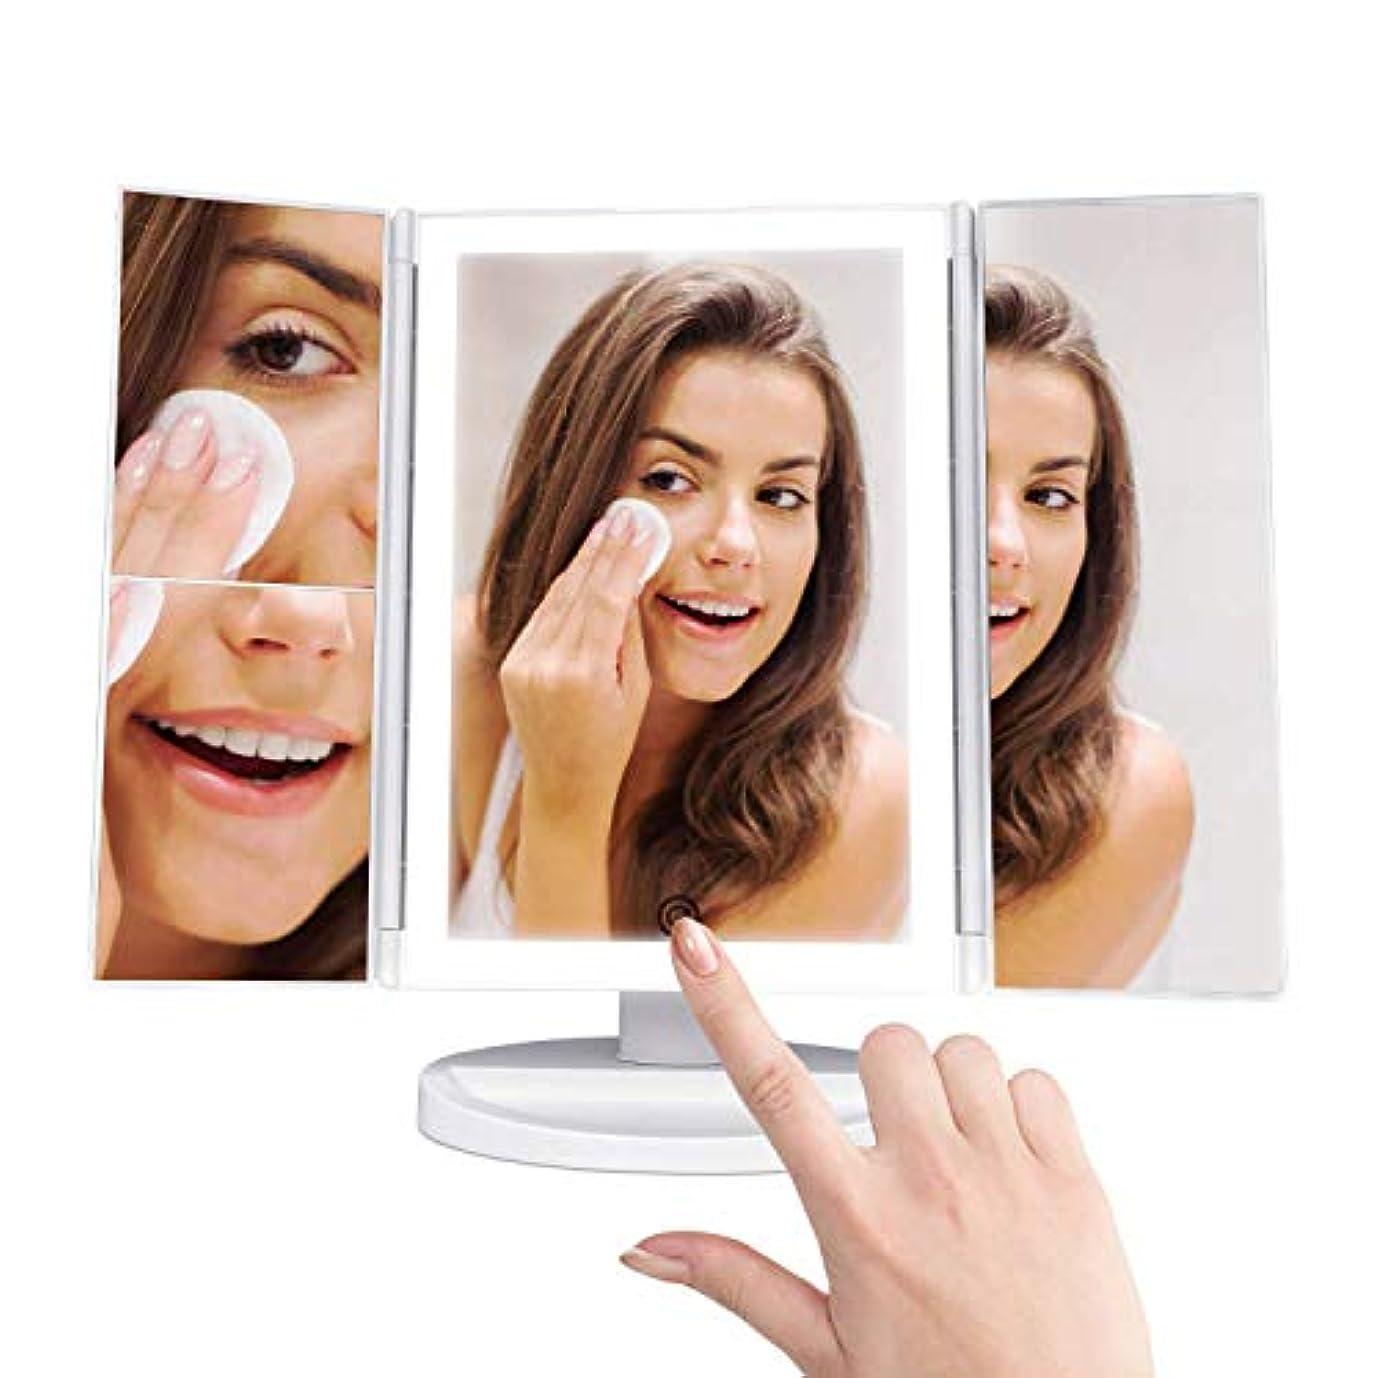 提唱する完全にプレビスサイト卓上ミラー 折りたたみ式 三面鏡 化粧鏡 2&3&拡大鏡付き LEDライト 角度調整機能付 タッチパネル 持ち運び便利 180度自由に回転 電池またはUSB給電(ホワイト)